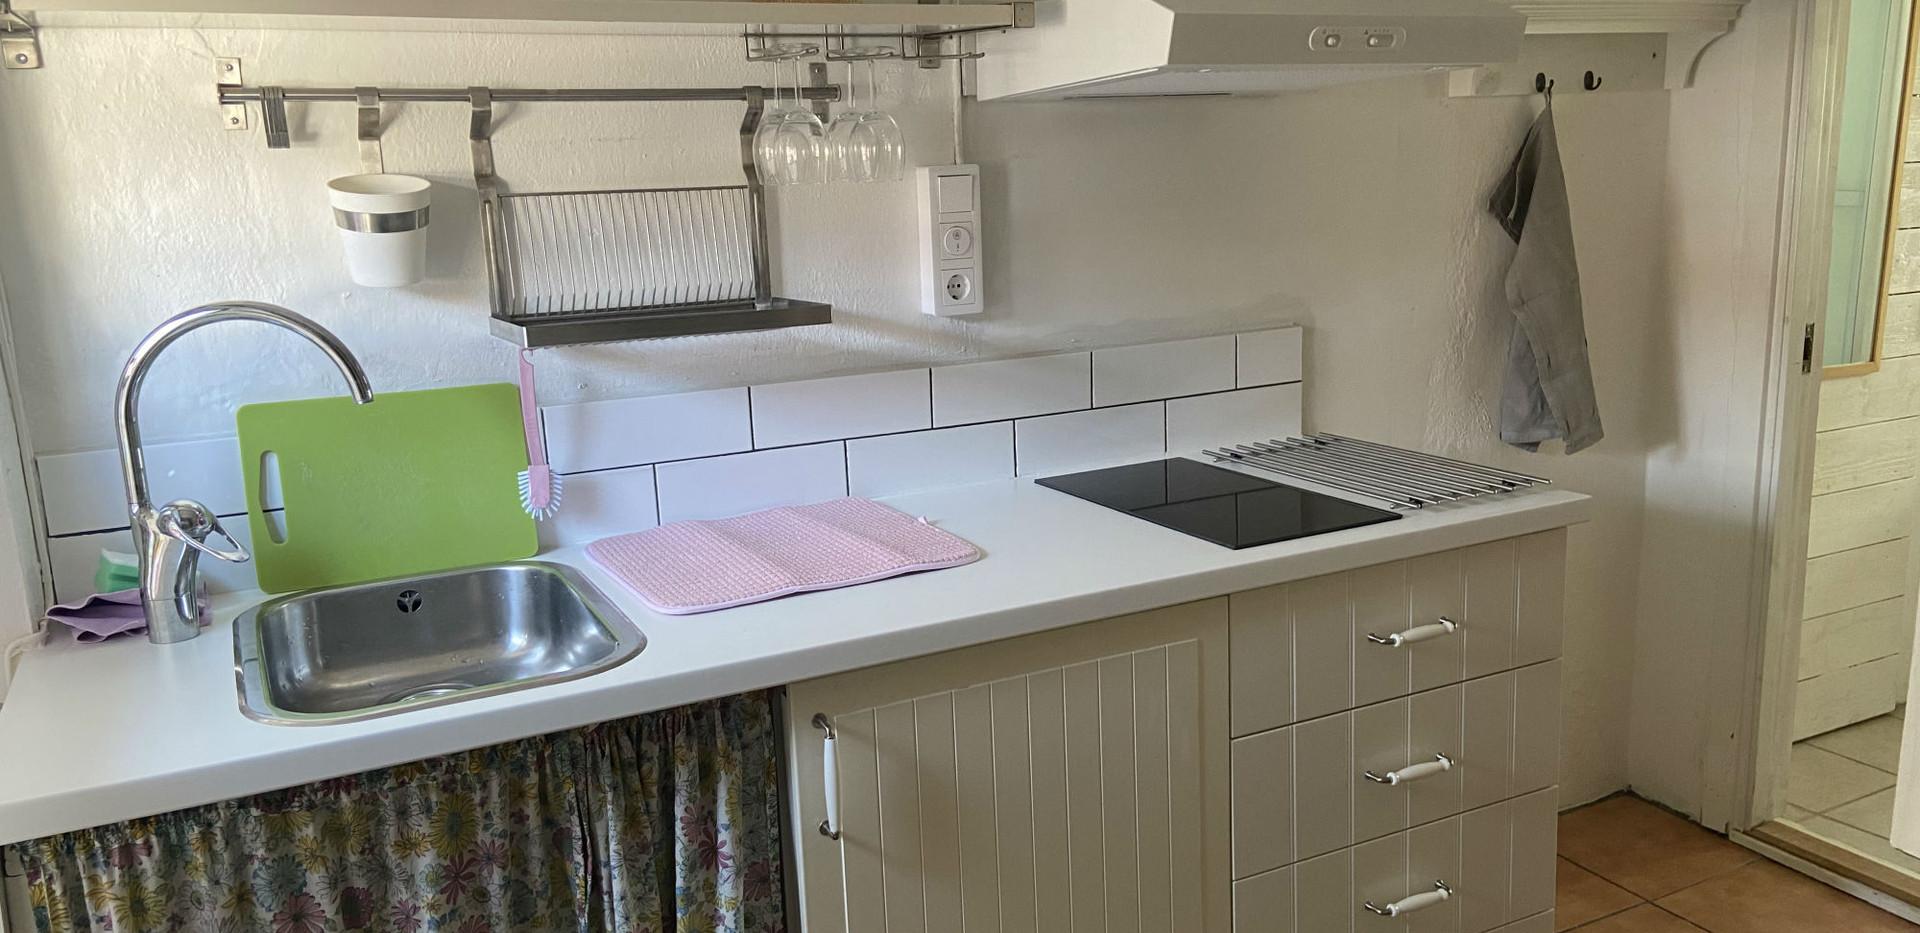 Grisstians lilla kök är utrustat med kylskåp, induktionsspis, mikrovågsugn och kaffekokare.